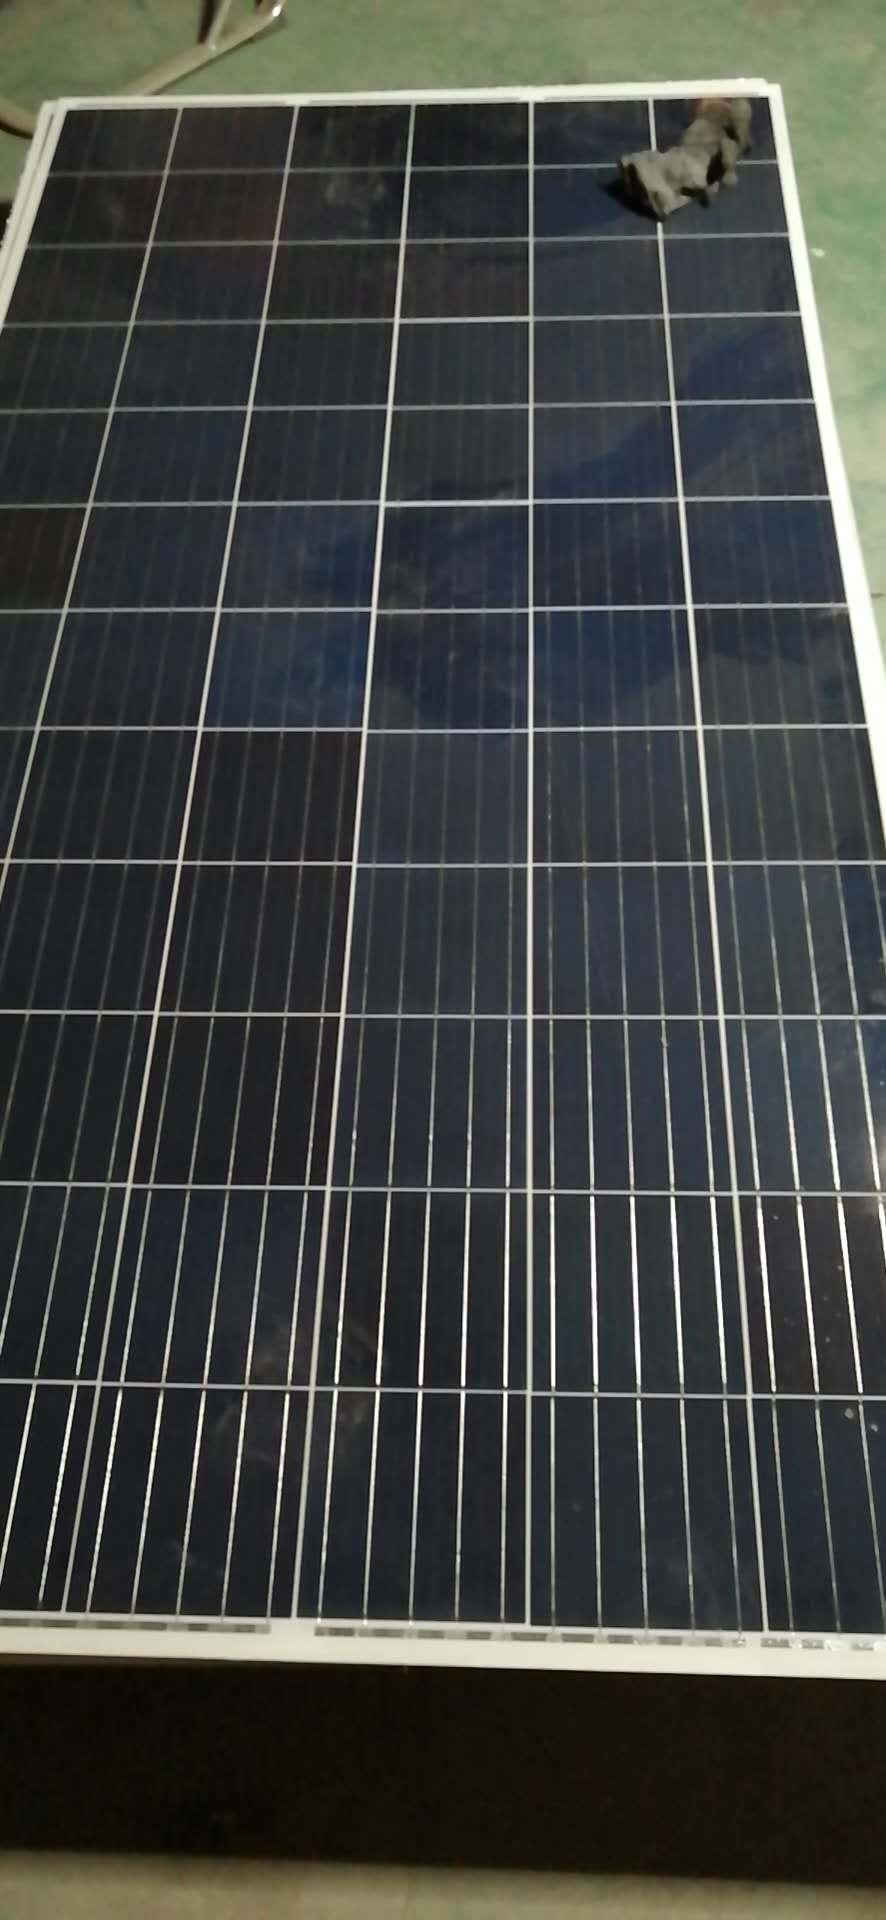 临沧沧源降级太阳能组件回收价格